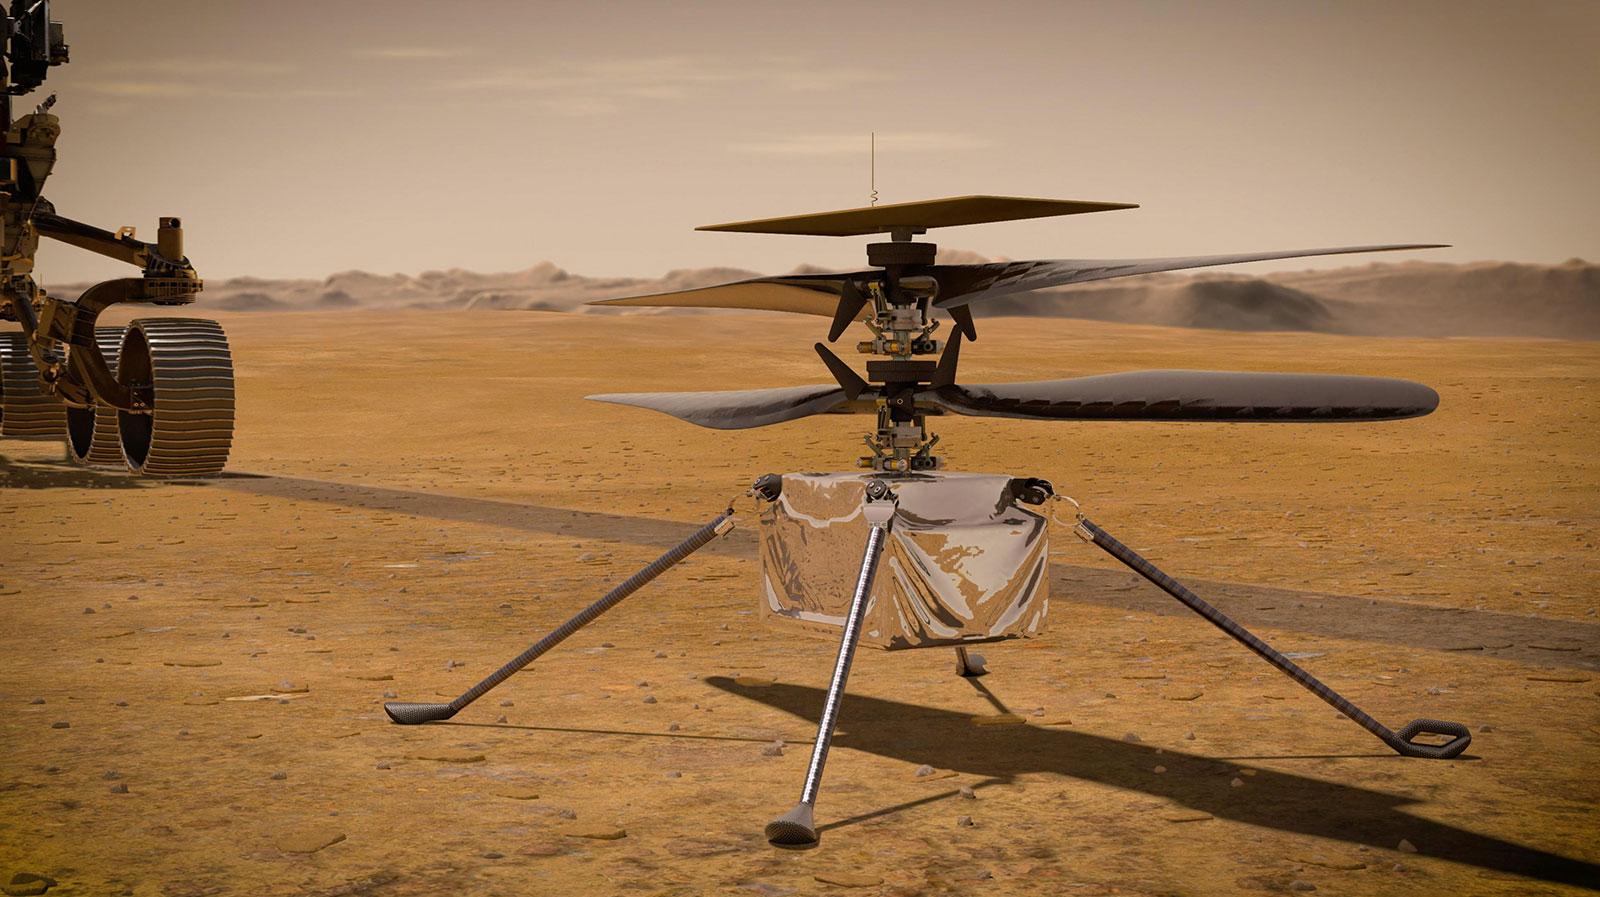 Perseverance успешно высадил вертолет на поверхность Марса